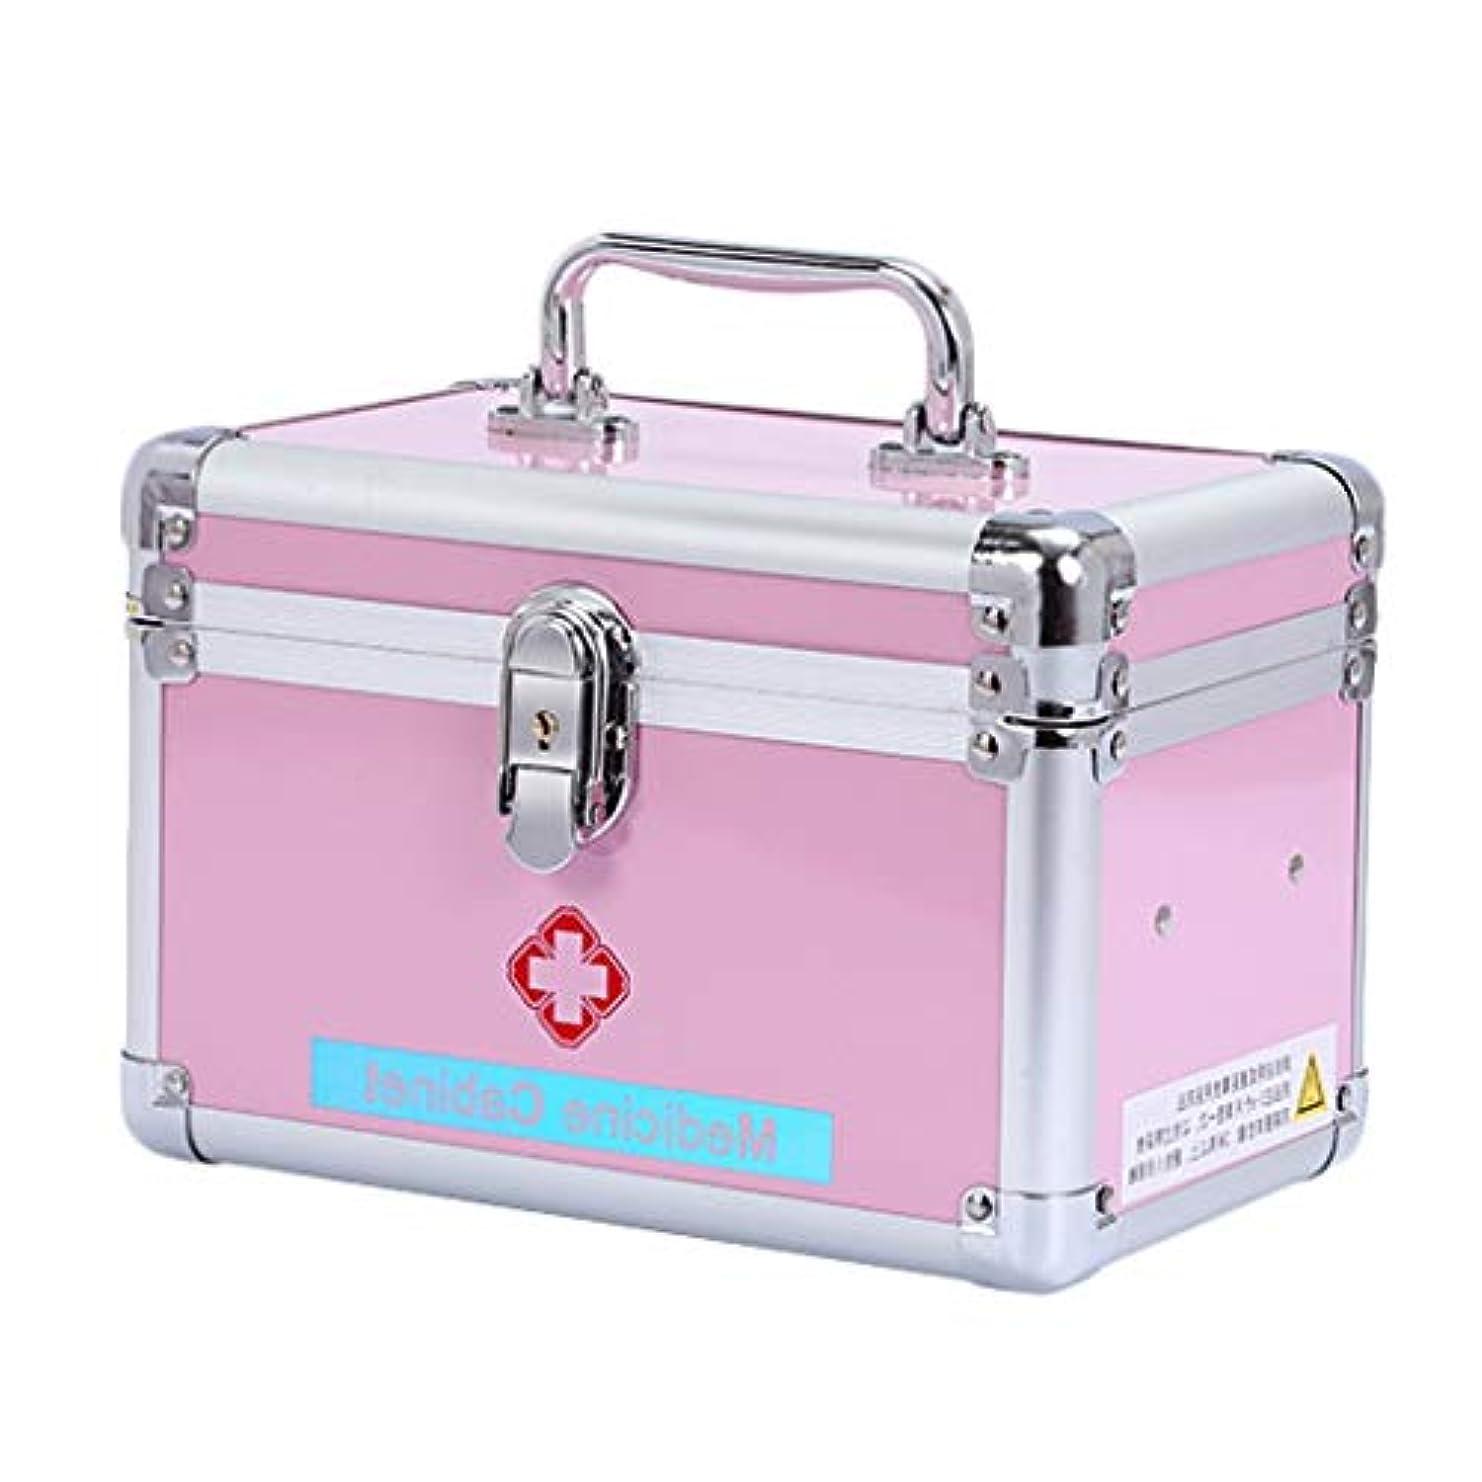 見通し彼女のアイロニーTLMYDD ピルボックスアルミ家庭用薬ボックス薬クリニック緊急医療ボックス収納ボックス24.5×W 14×H 16 CM 応急処置キット (Color : Pink, Size : L24.5*W14*H16CM)